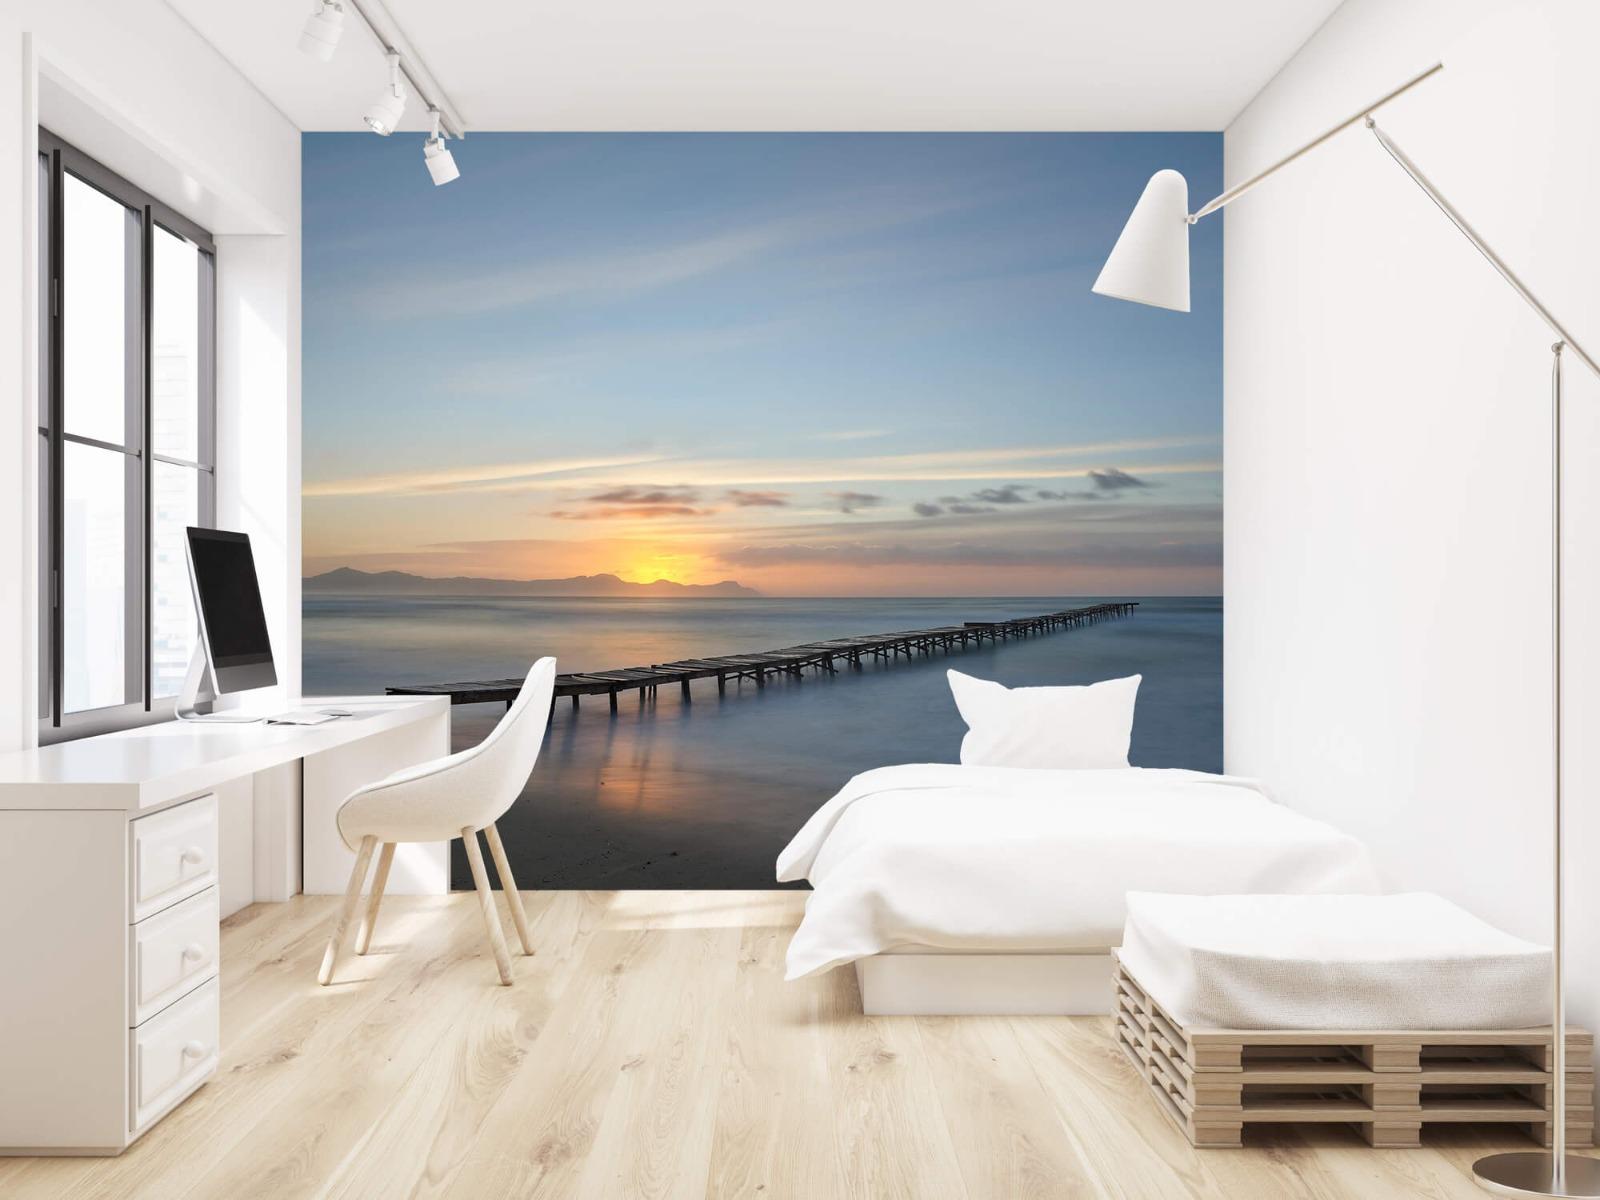 Houten Steigers - Steiger voor de kust - Slaapkamer 23